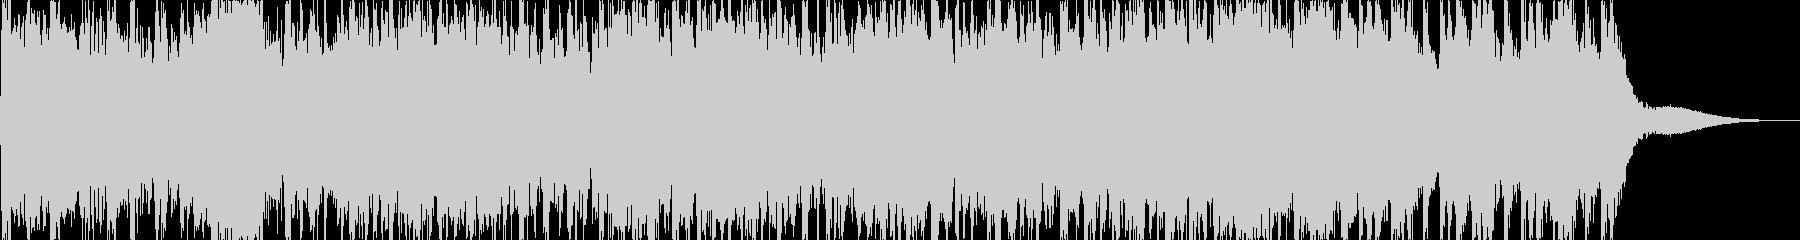 緊迫感・危機感を煽るジングル(40秒)の未再生の波形